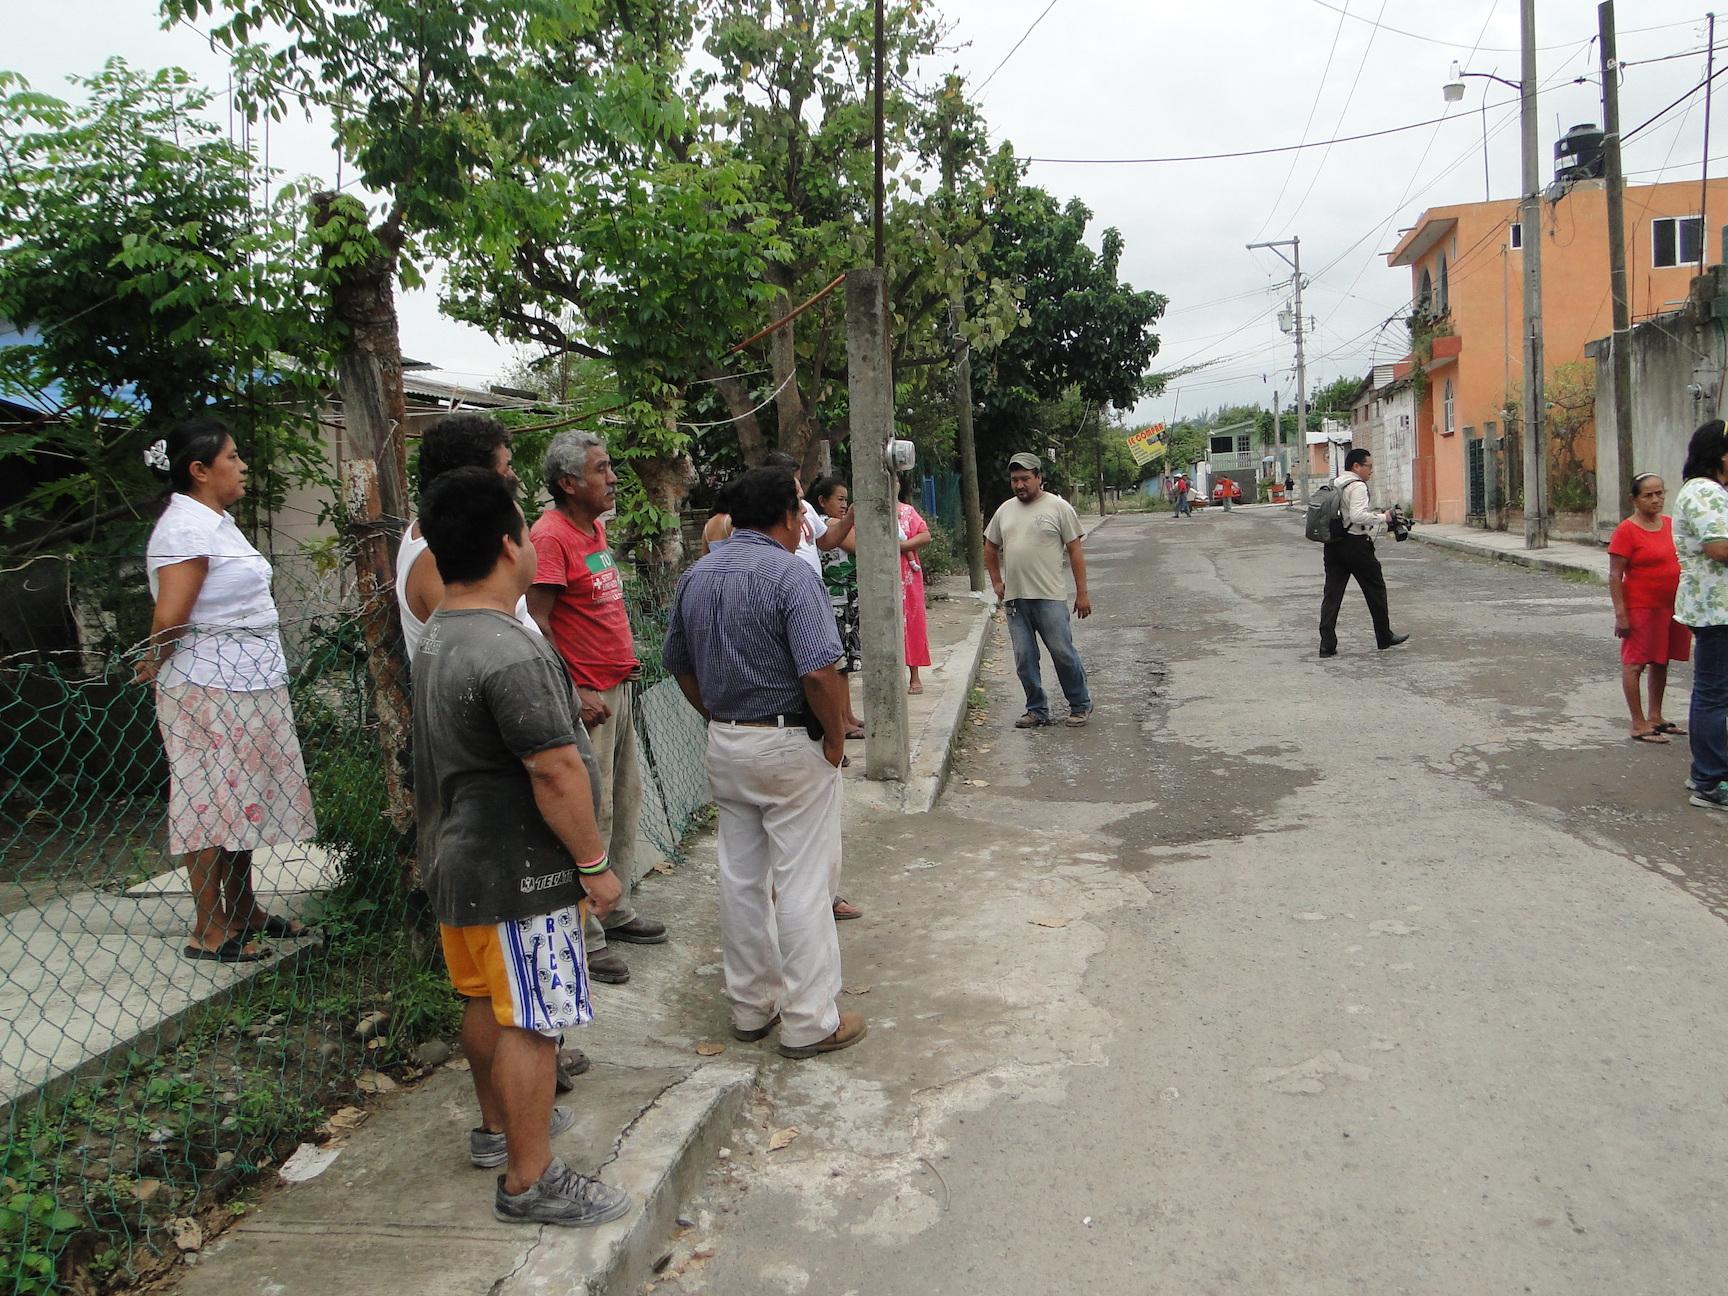 Pemex quiere desalojar a familias en colonia ampliación Santa Elena en Poza Rica